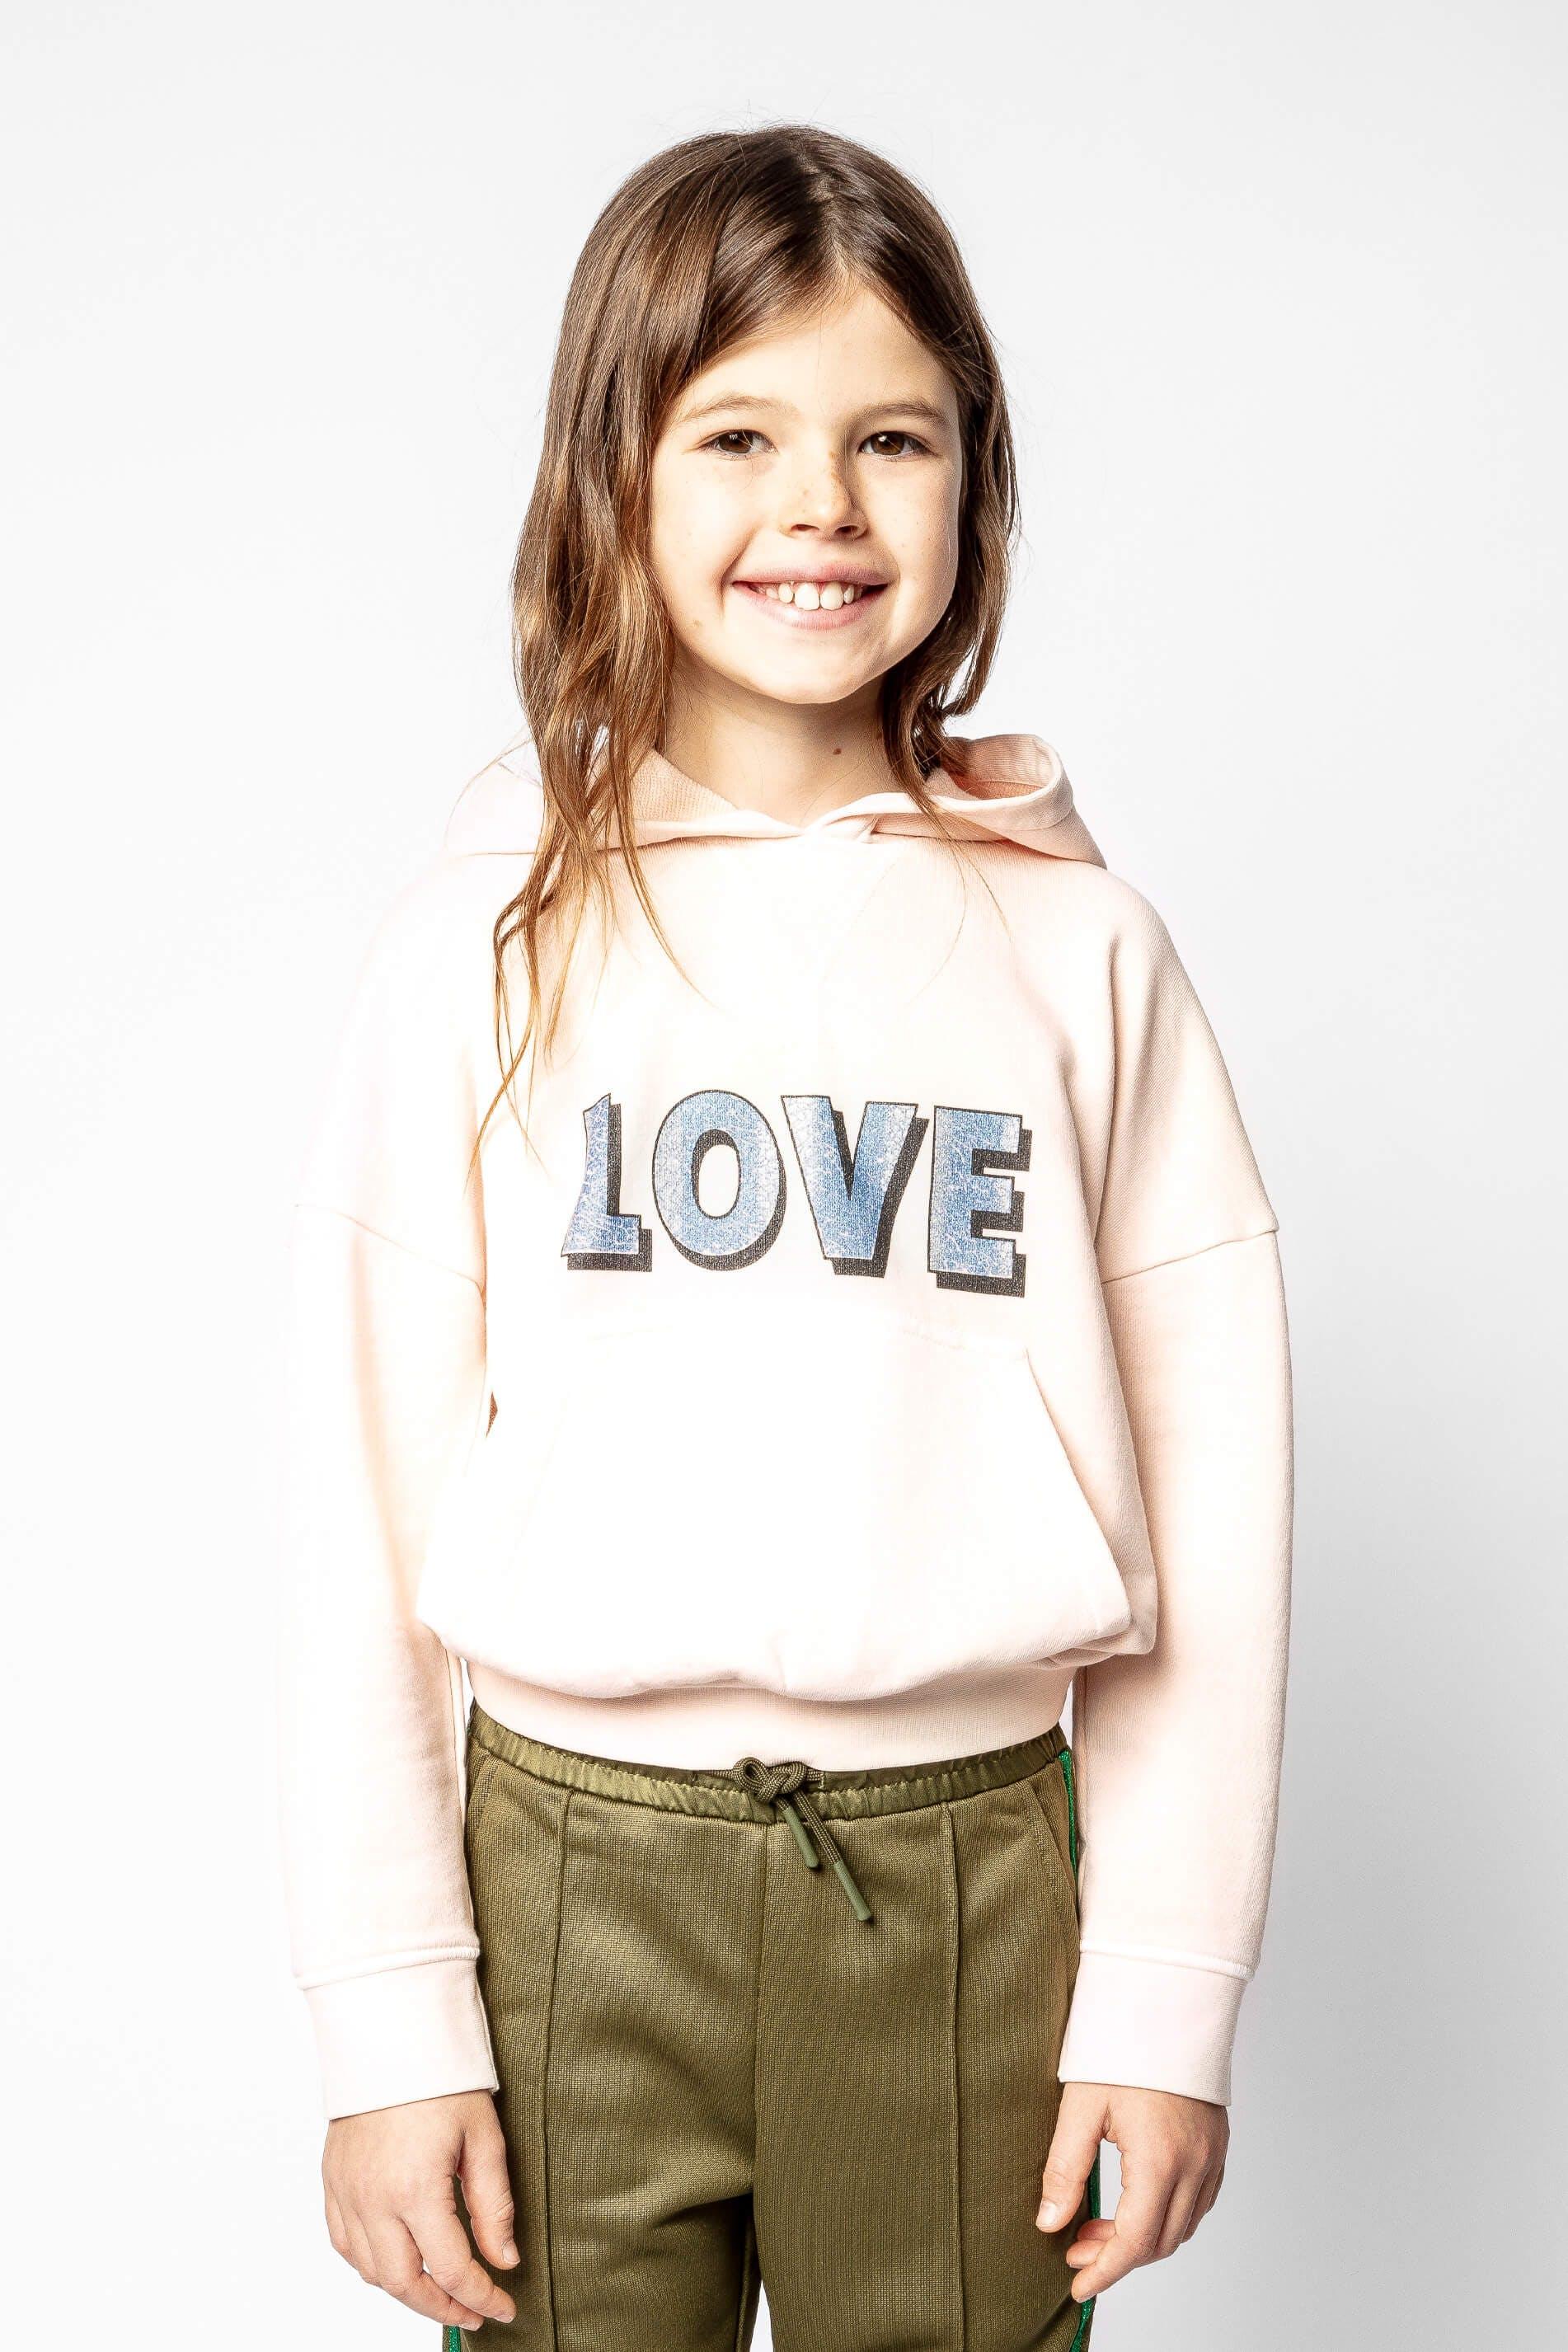 쟈딕 앤 볼테르 키즈 후드티 Zadig & Voltaire Child's Lisy sweatshirt,PINK